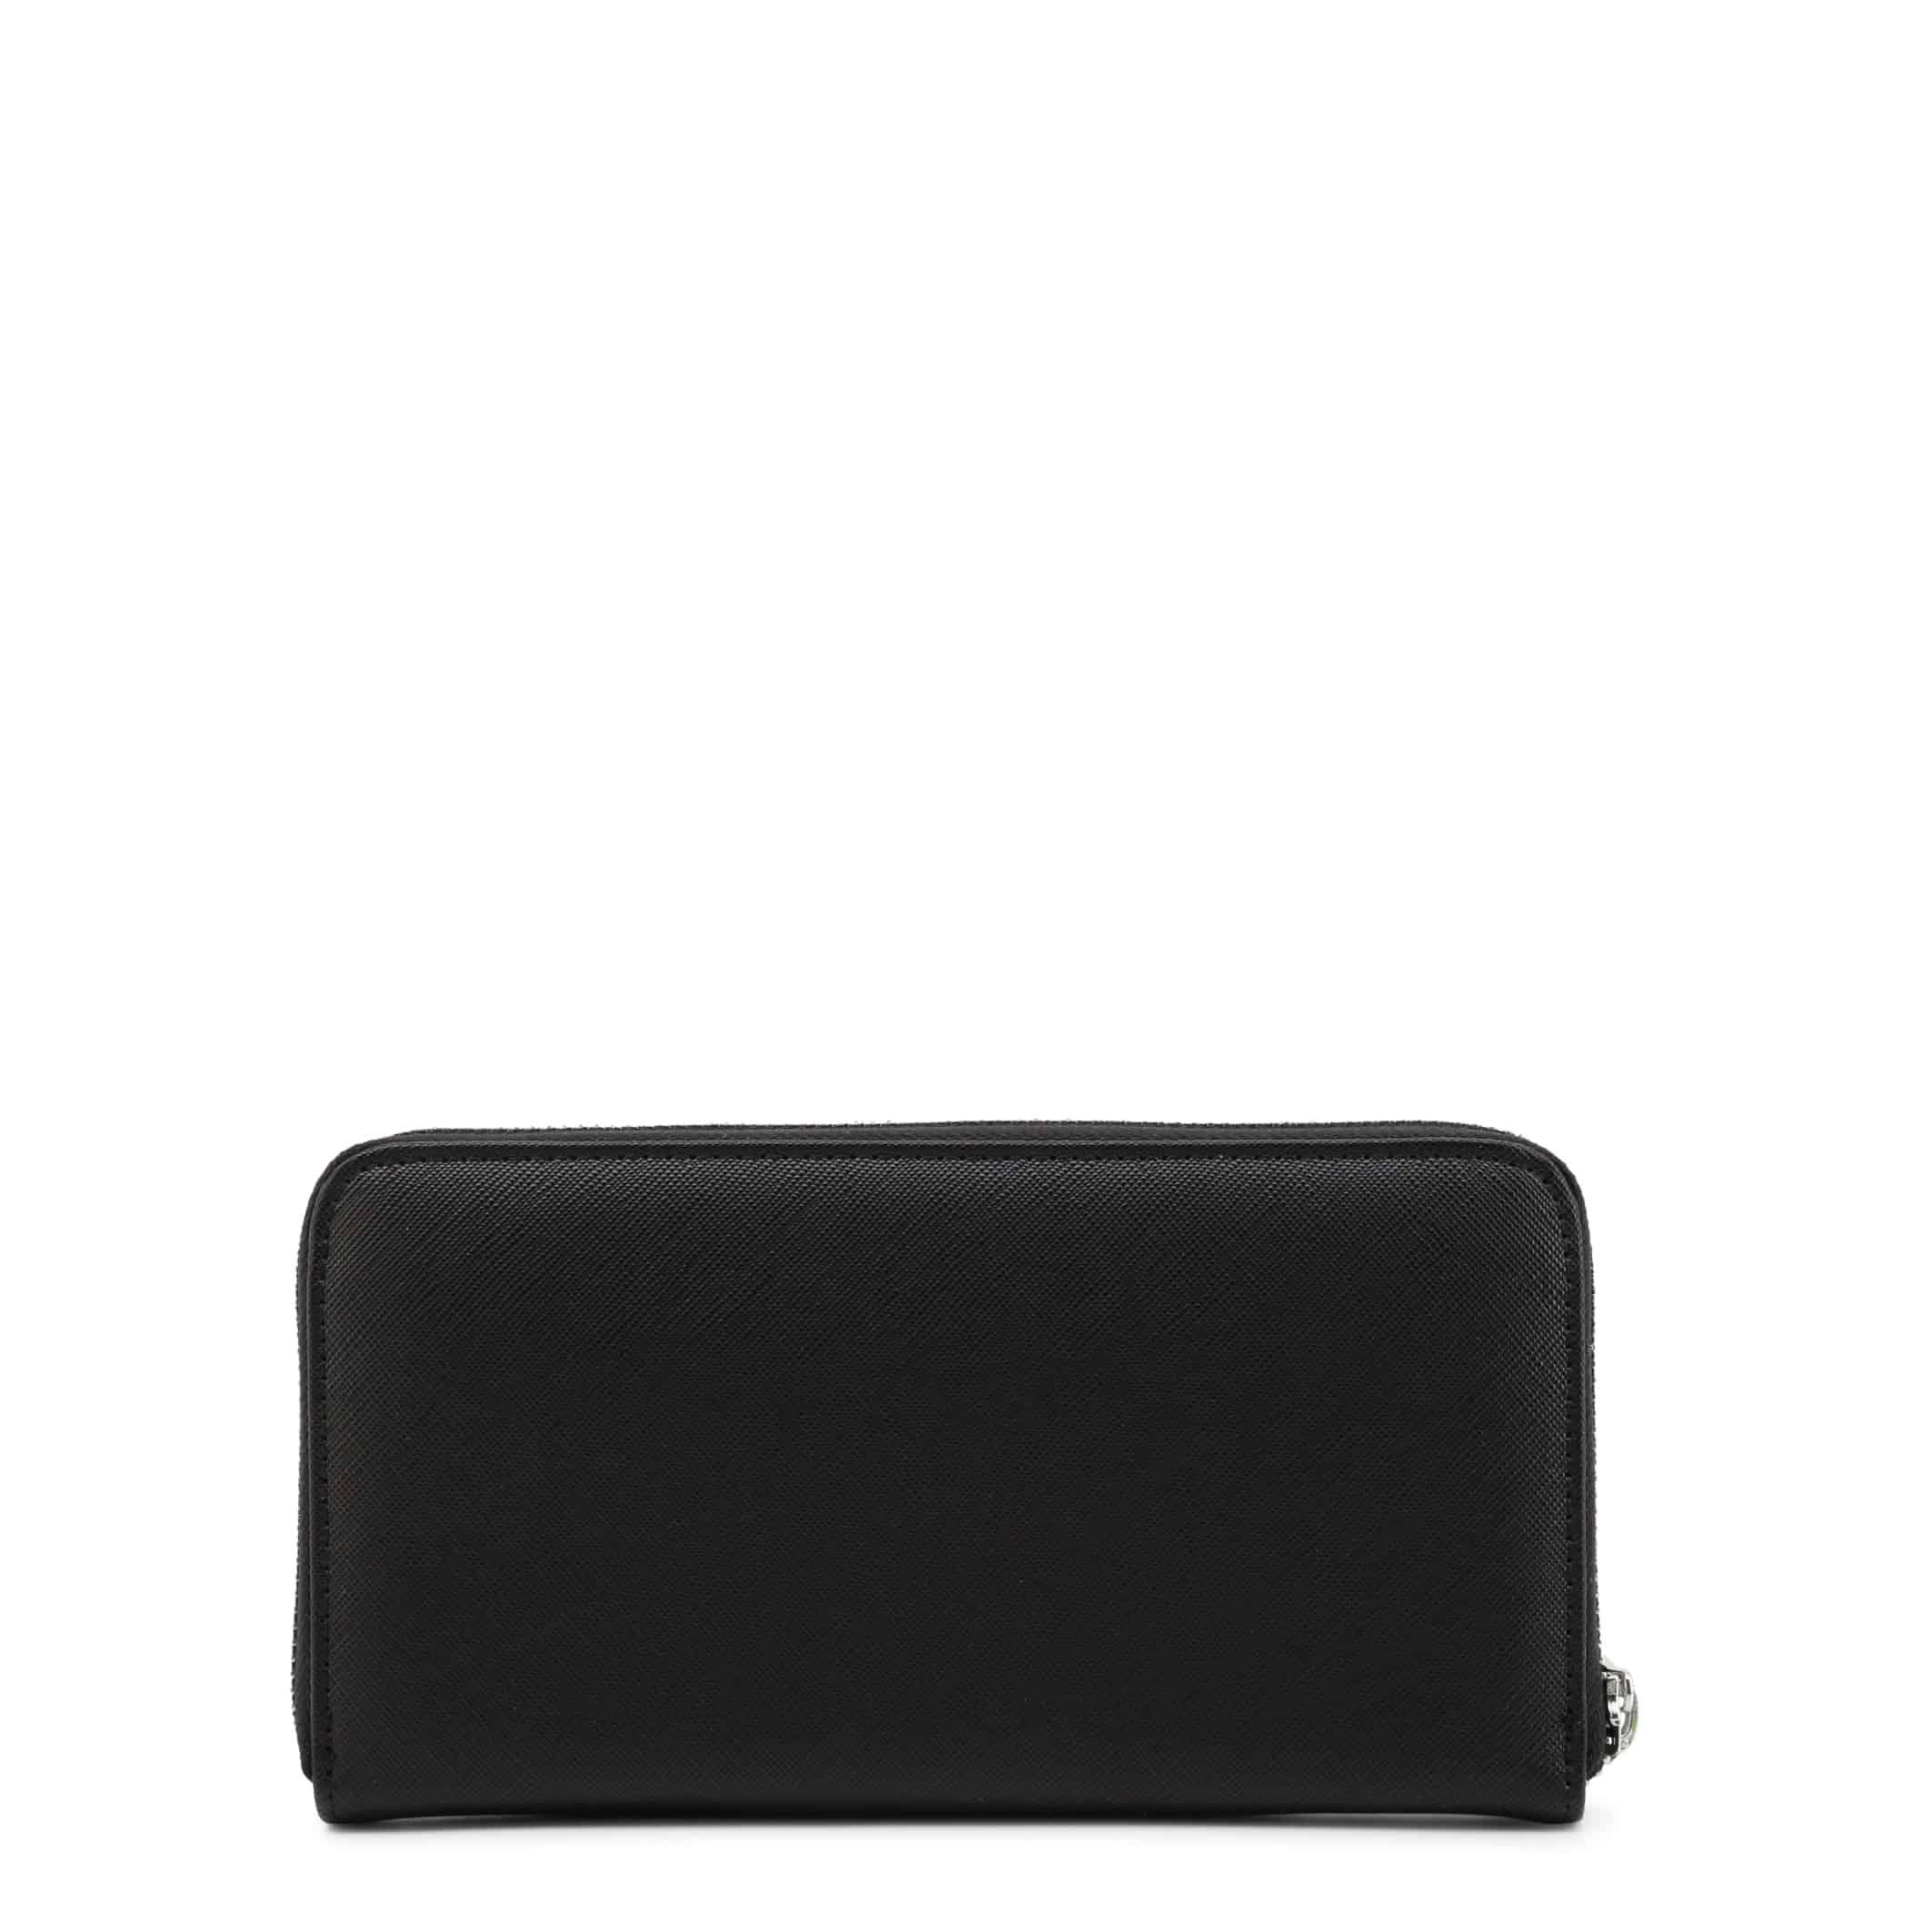 Versace Jeans – E3VWAPR1_71882 – Negro